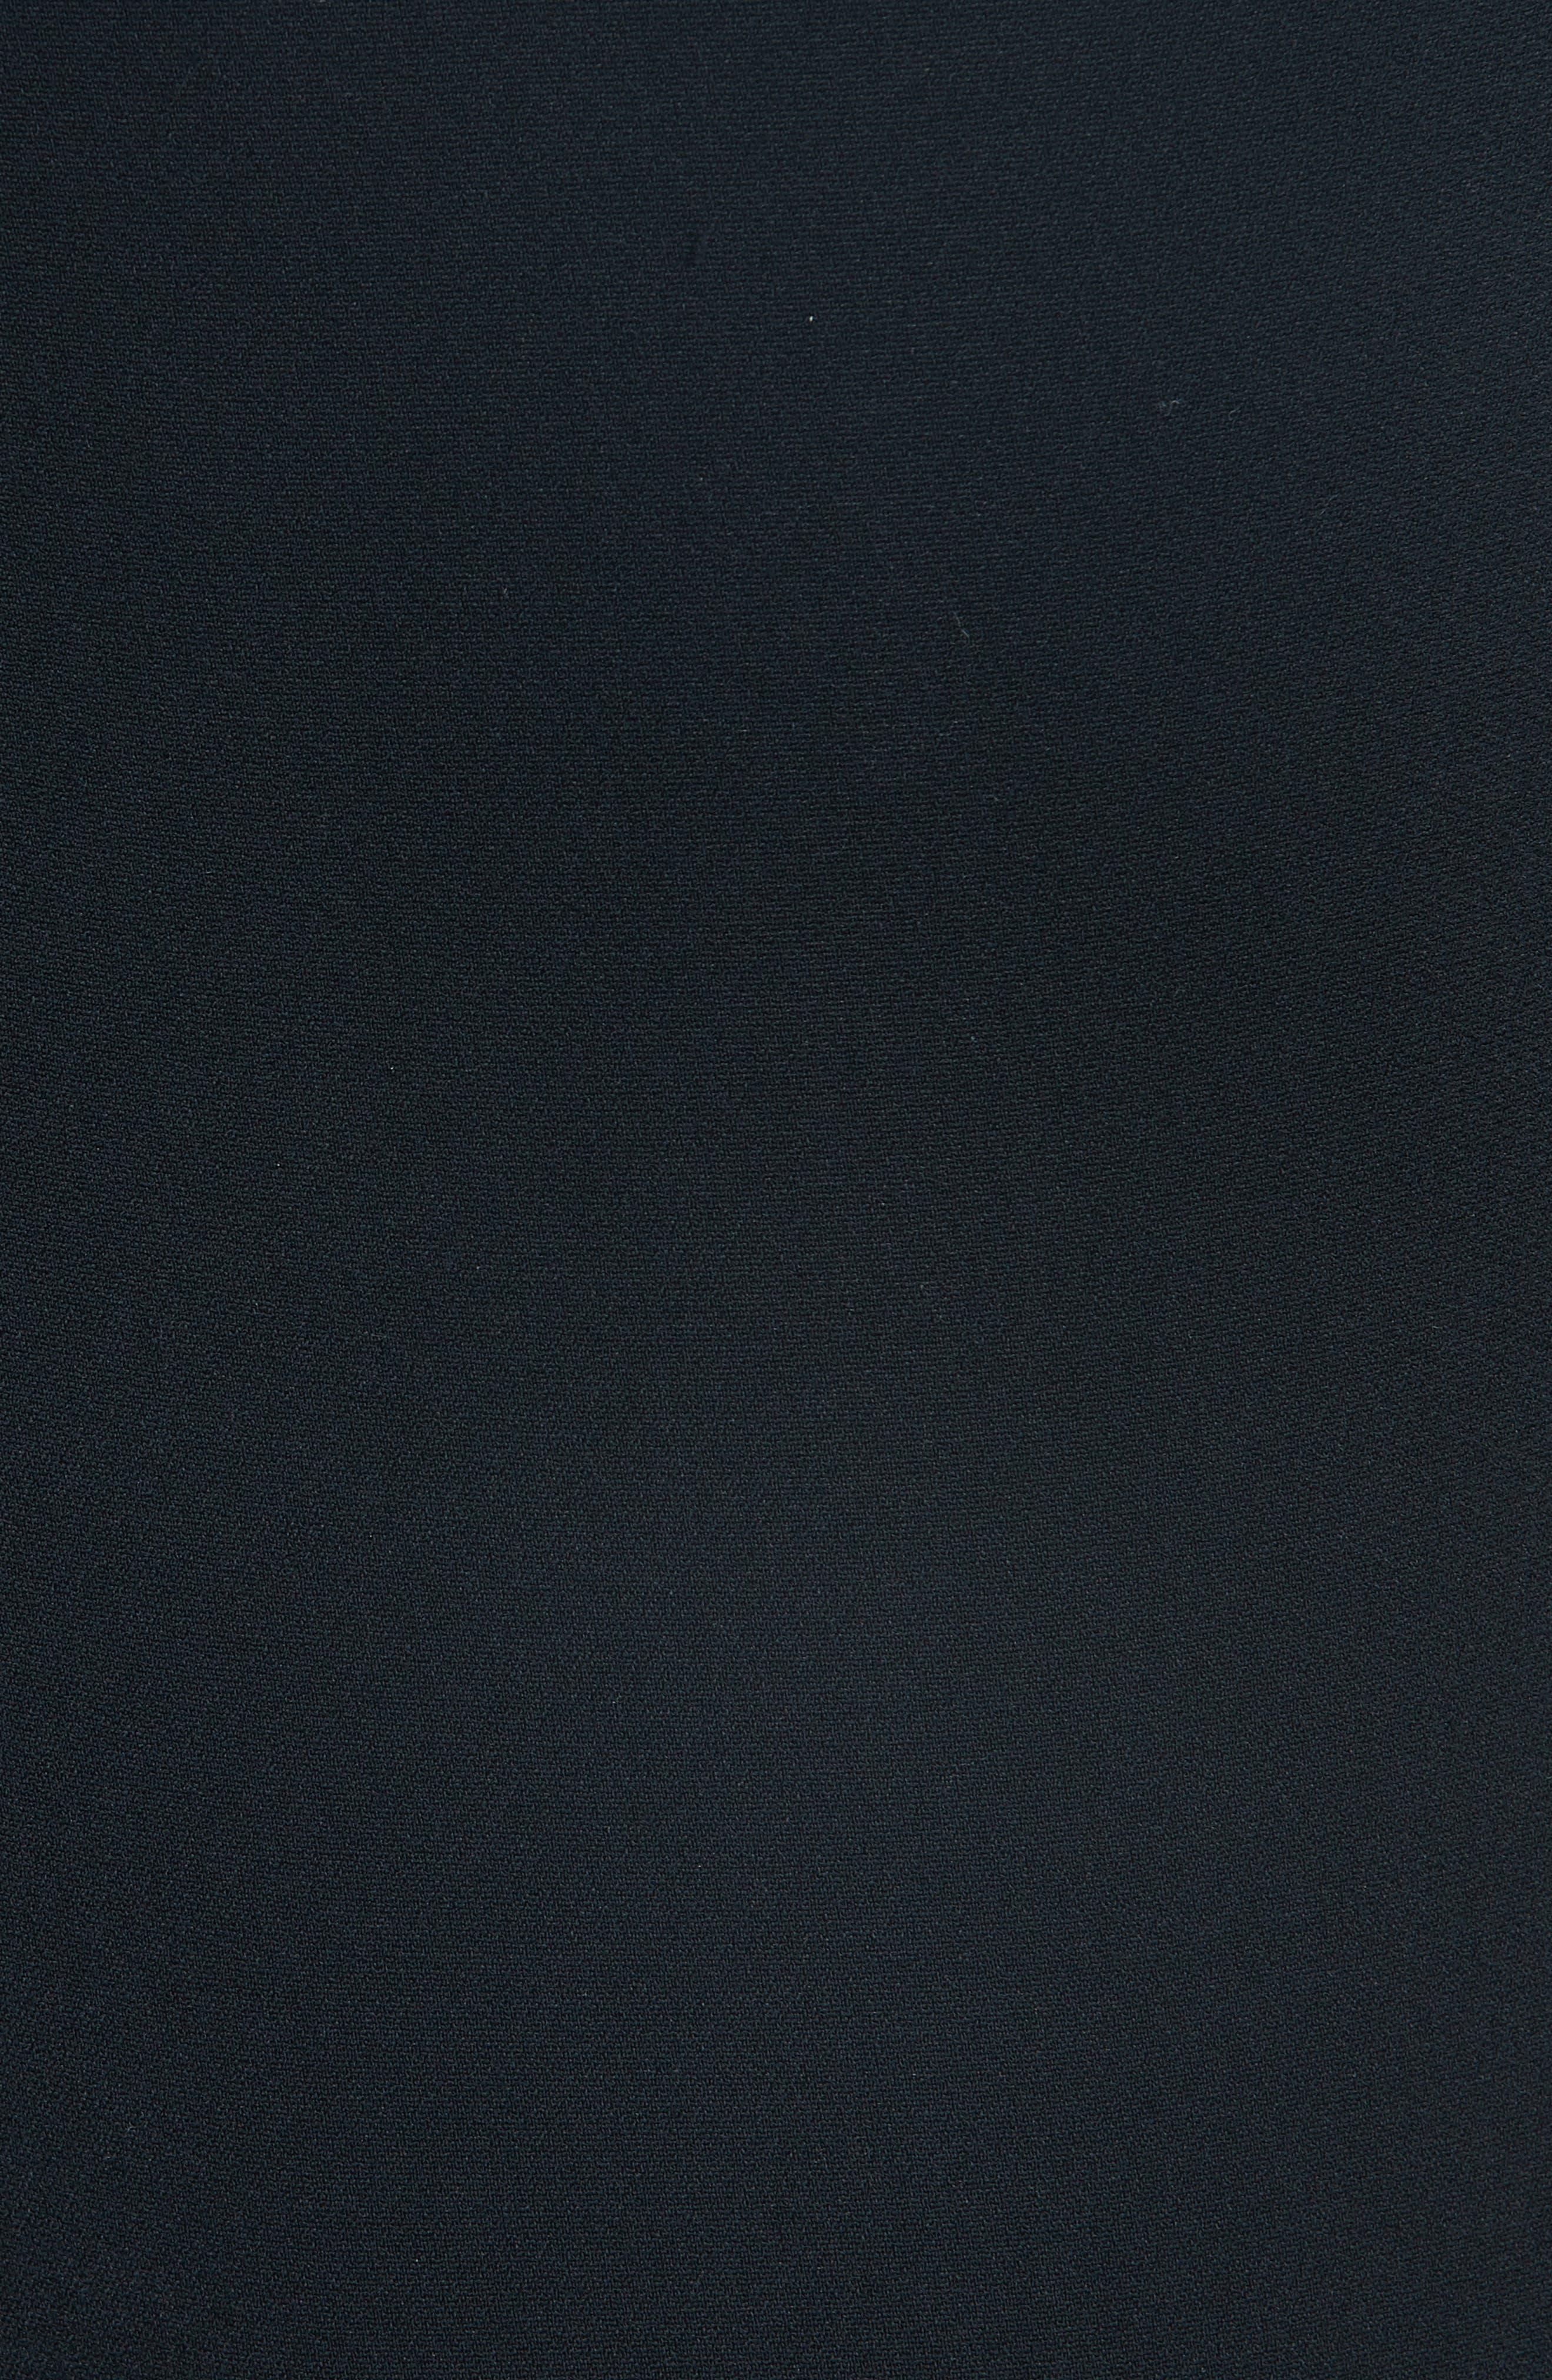 Grommet Trim Gown,                             Alternate thumbnail 5, color,                             BLACK